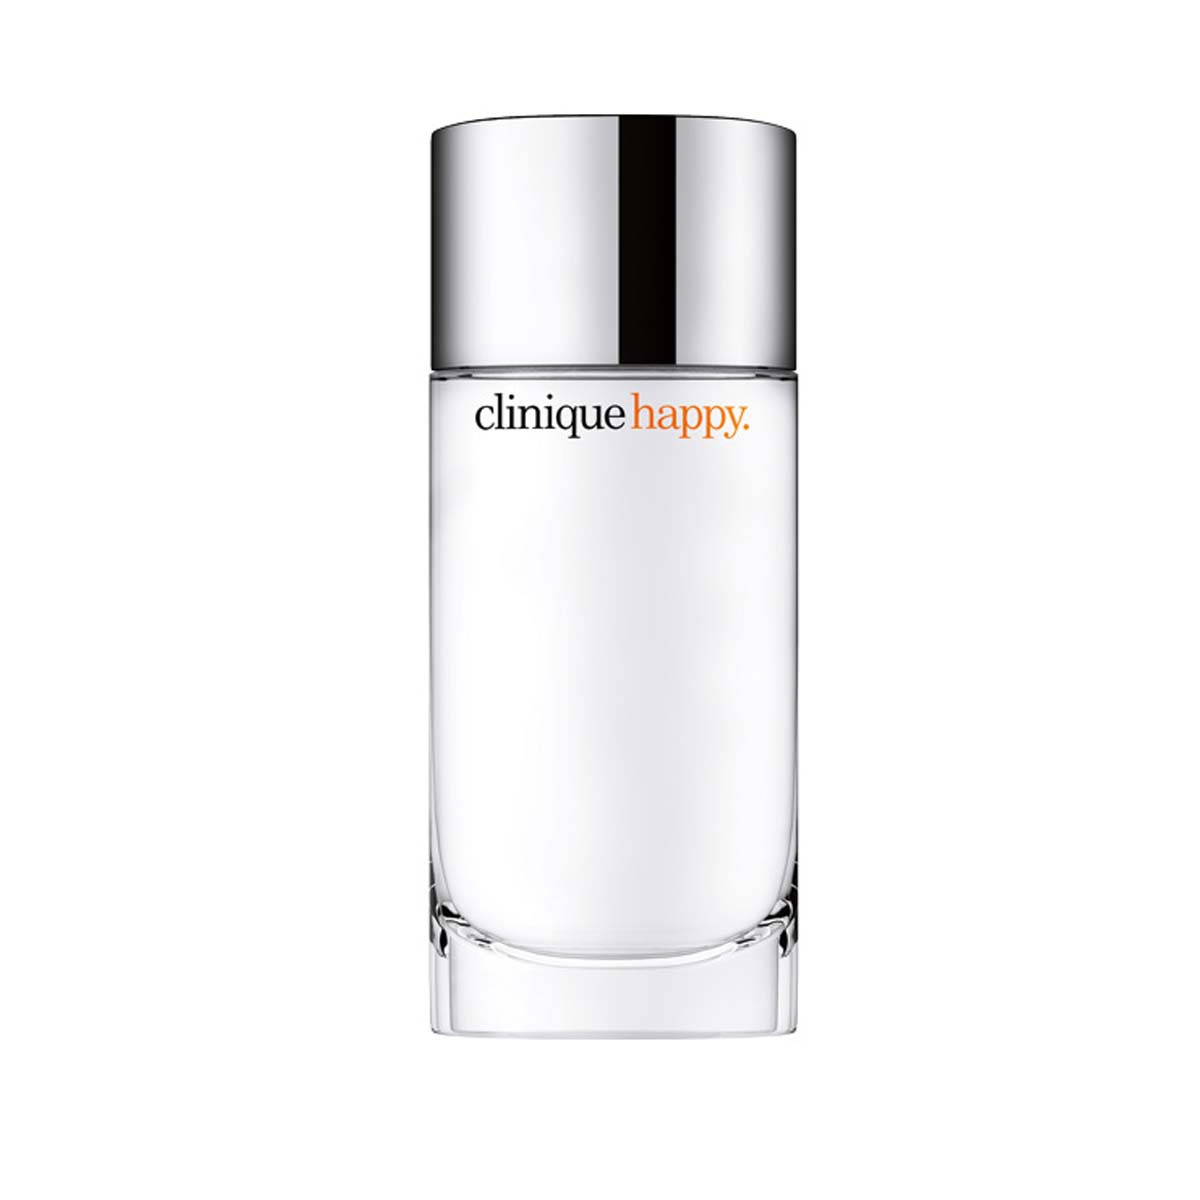 Clinique clinique happy eau de parfum spray 100 ml, Arancione, large image number 0